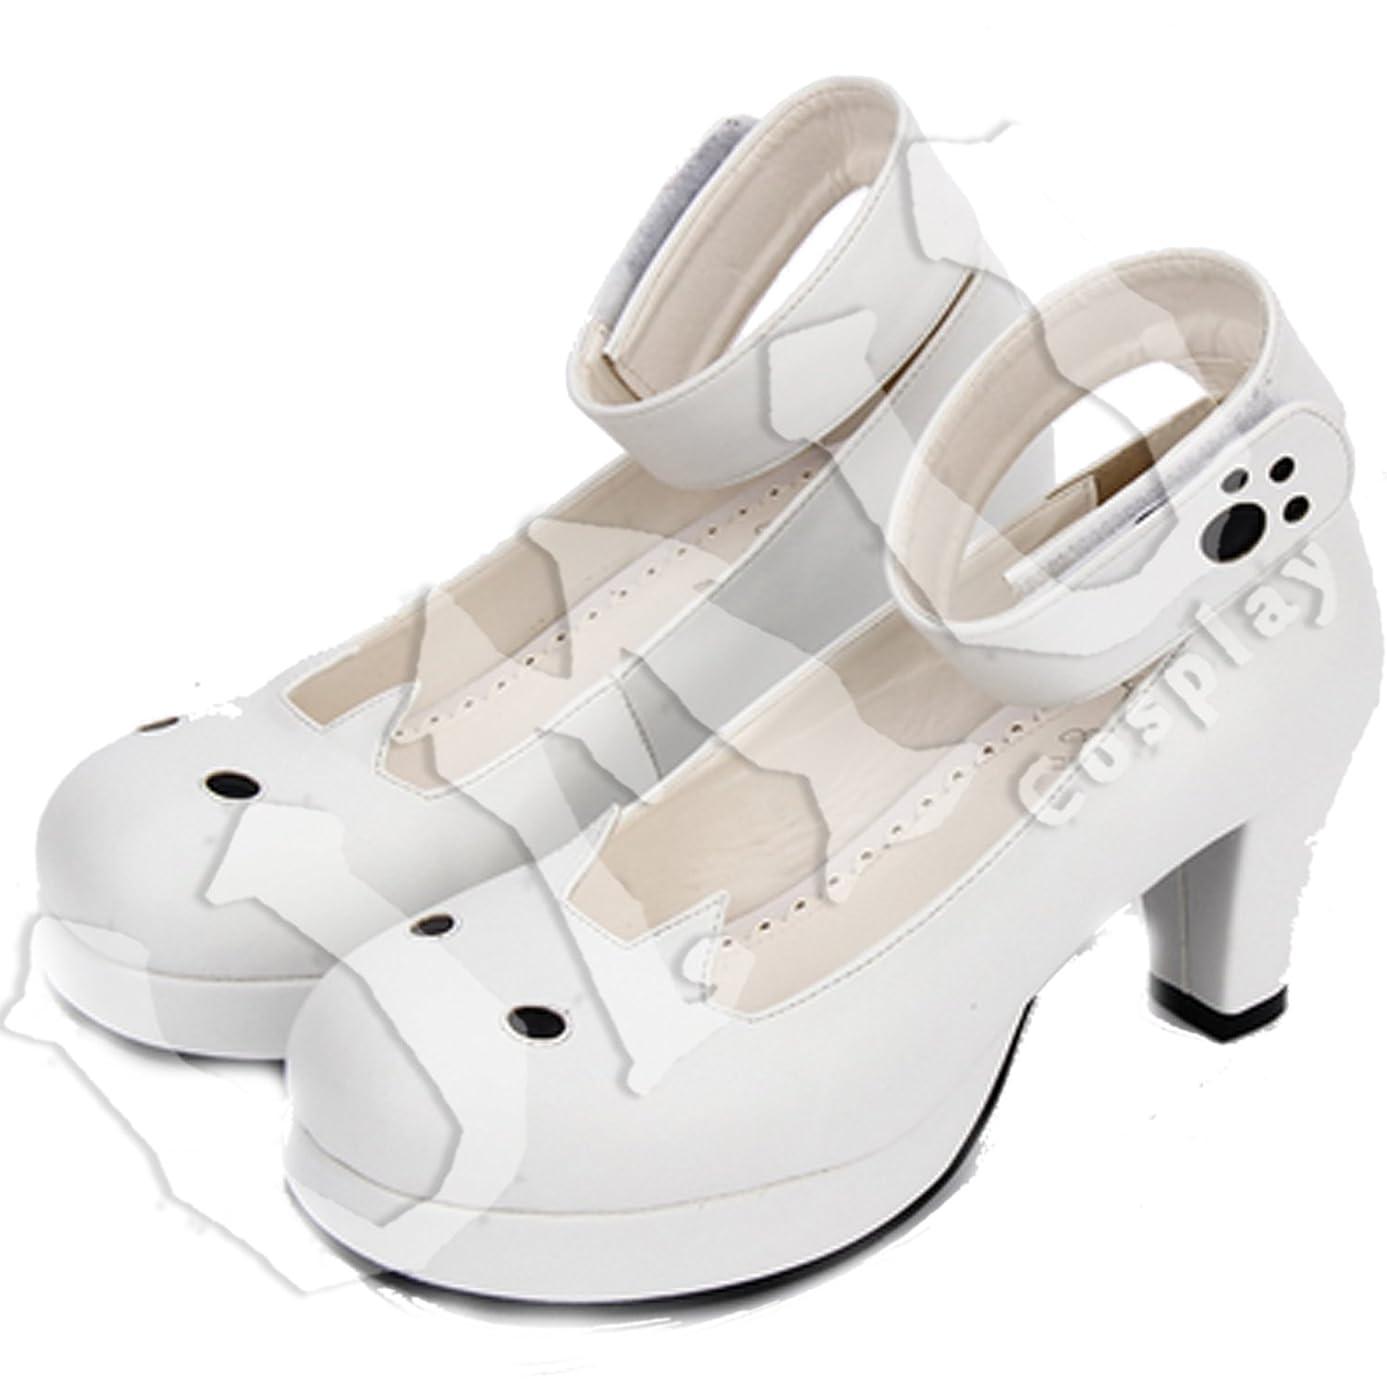 進行中無意味去る【UMU】 LOLITA ロリータ 白猫 黒目 キュート 風 靴 ブーツ ブーティ オーダーメイド(ヒール高、材質、靴色は変更可能!) (足22.5cm)